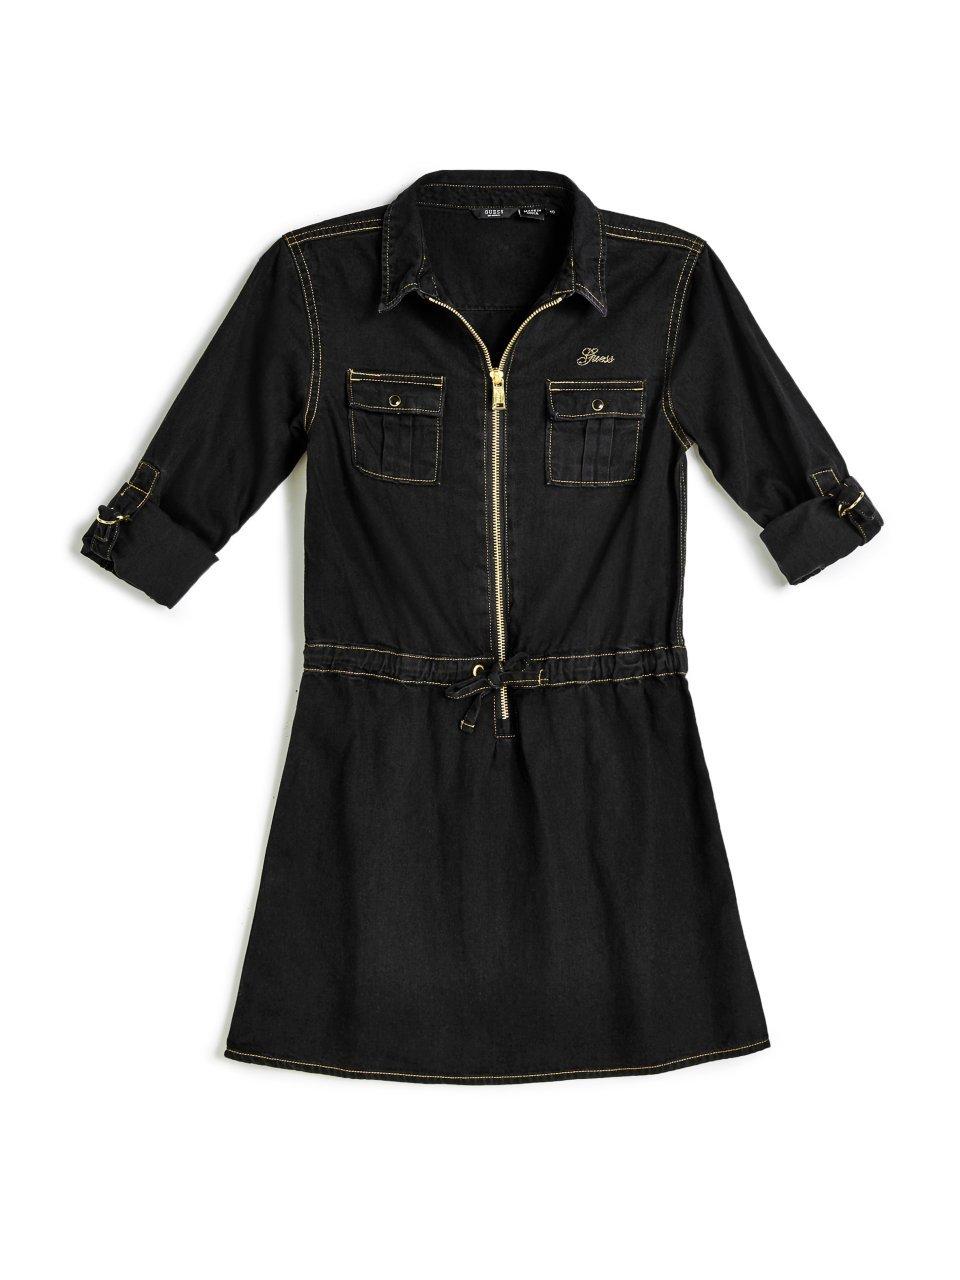 GUESS Denim Zip Dress (7-16)